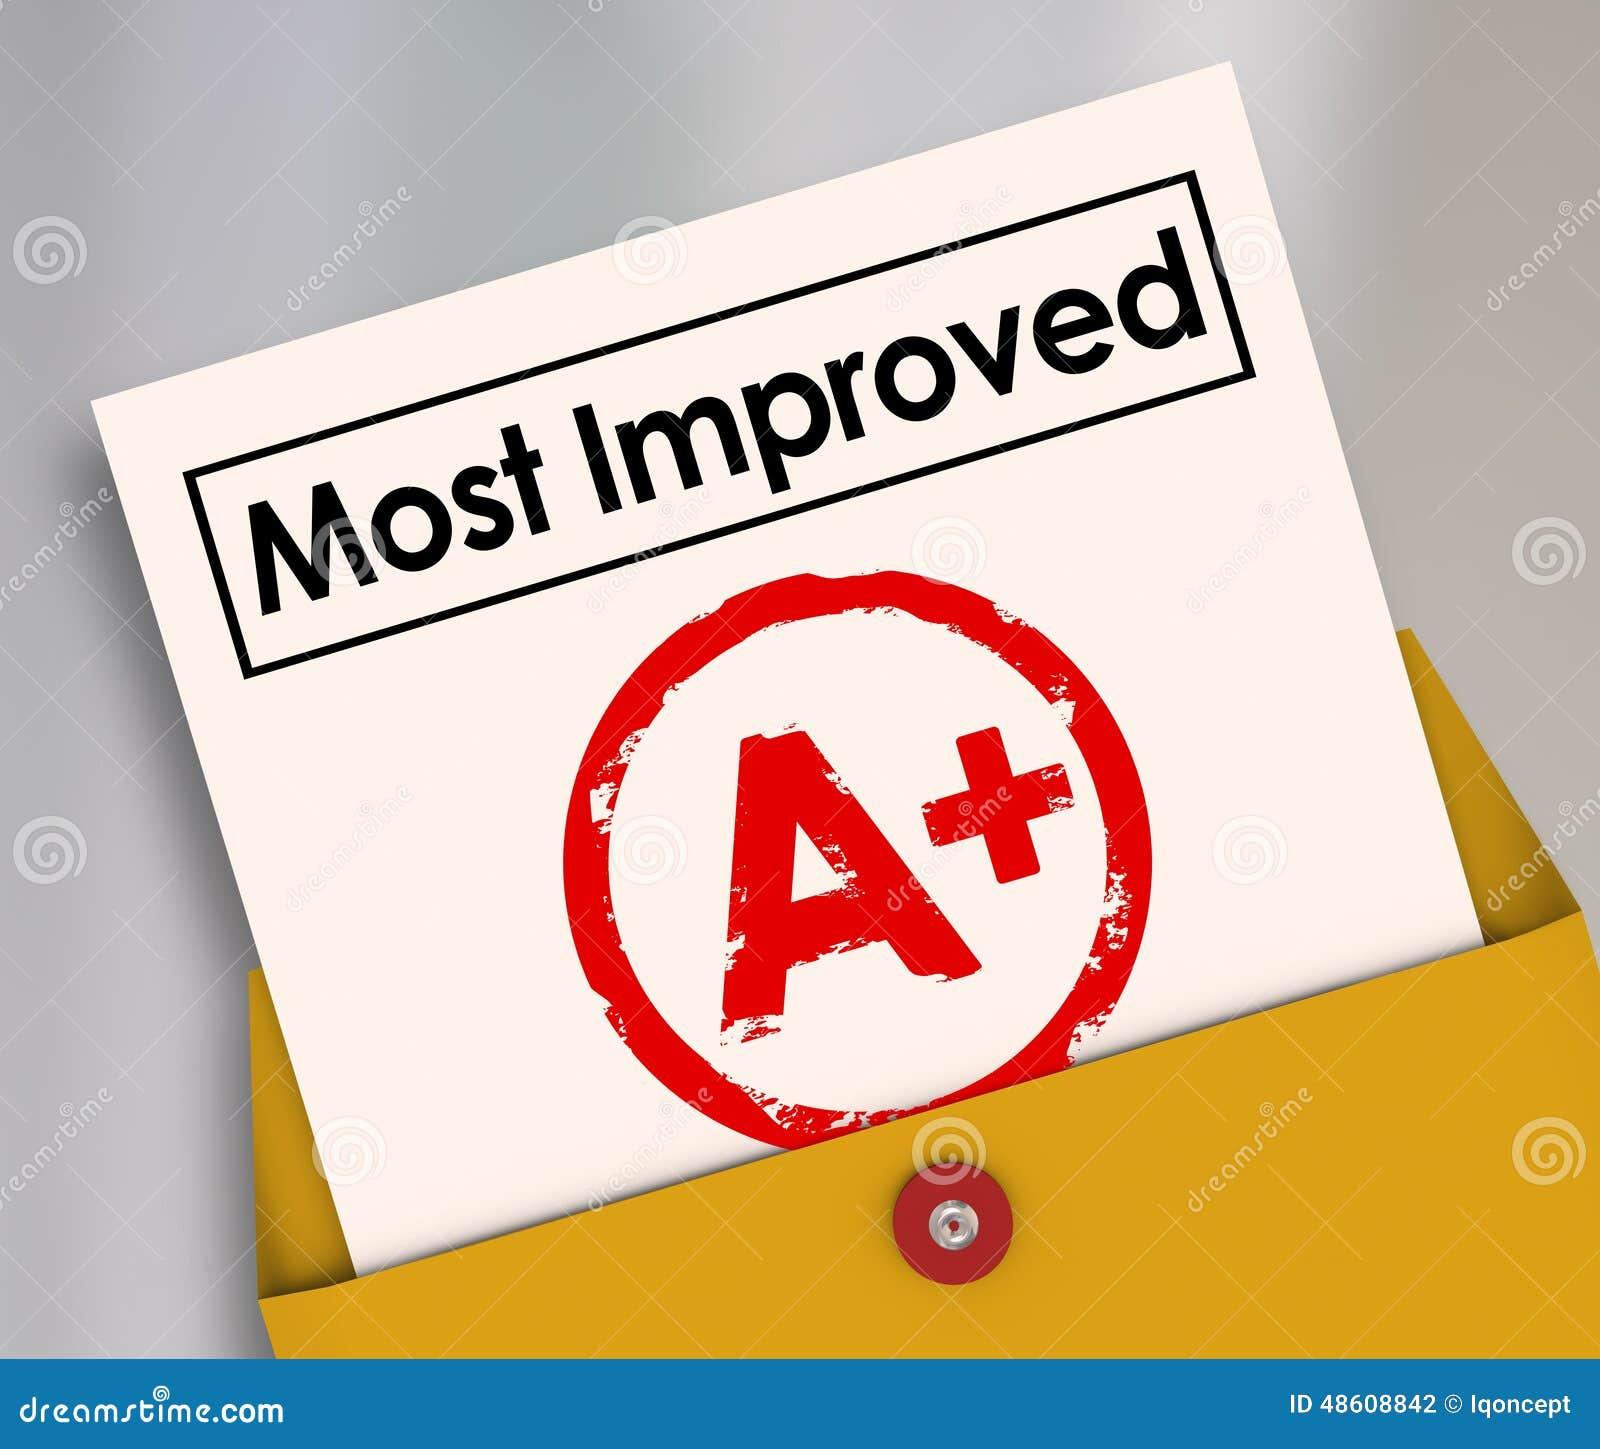 Η περισσότερη βελτιωμένη αύξηση αποτελέσματος βαθμού σχολικών ελέγχων οδηγεί καλύτερα